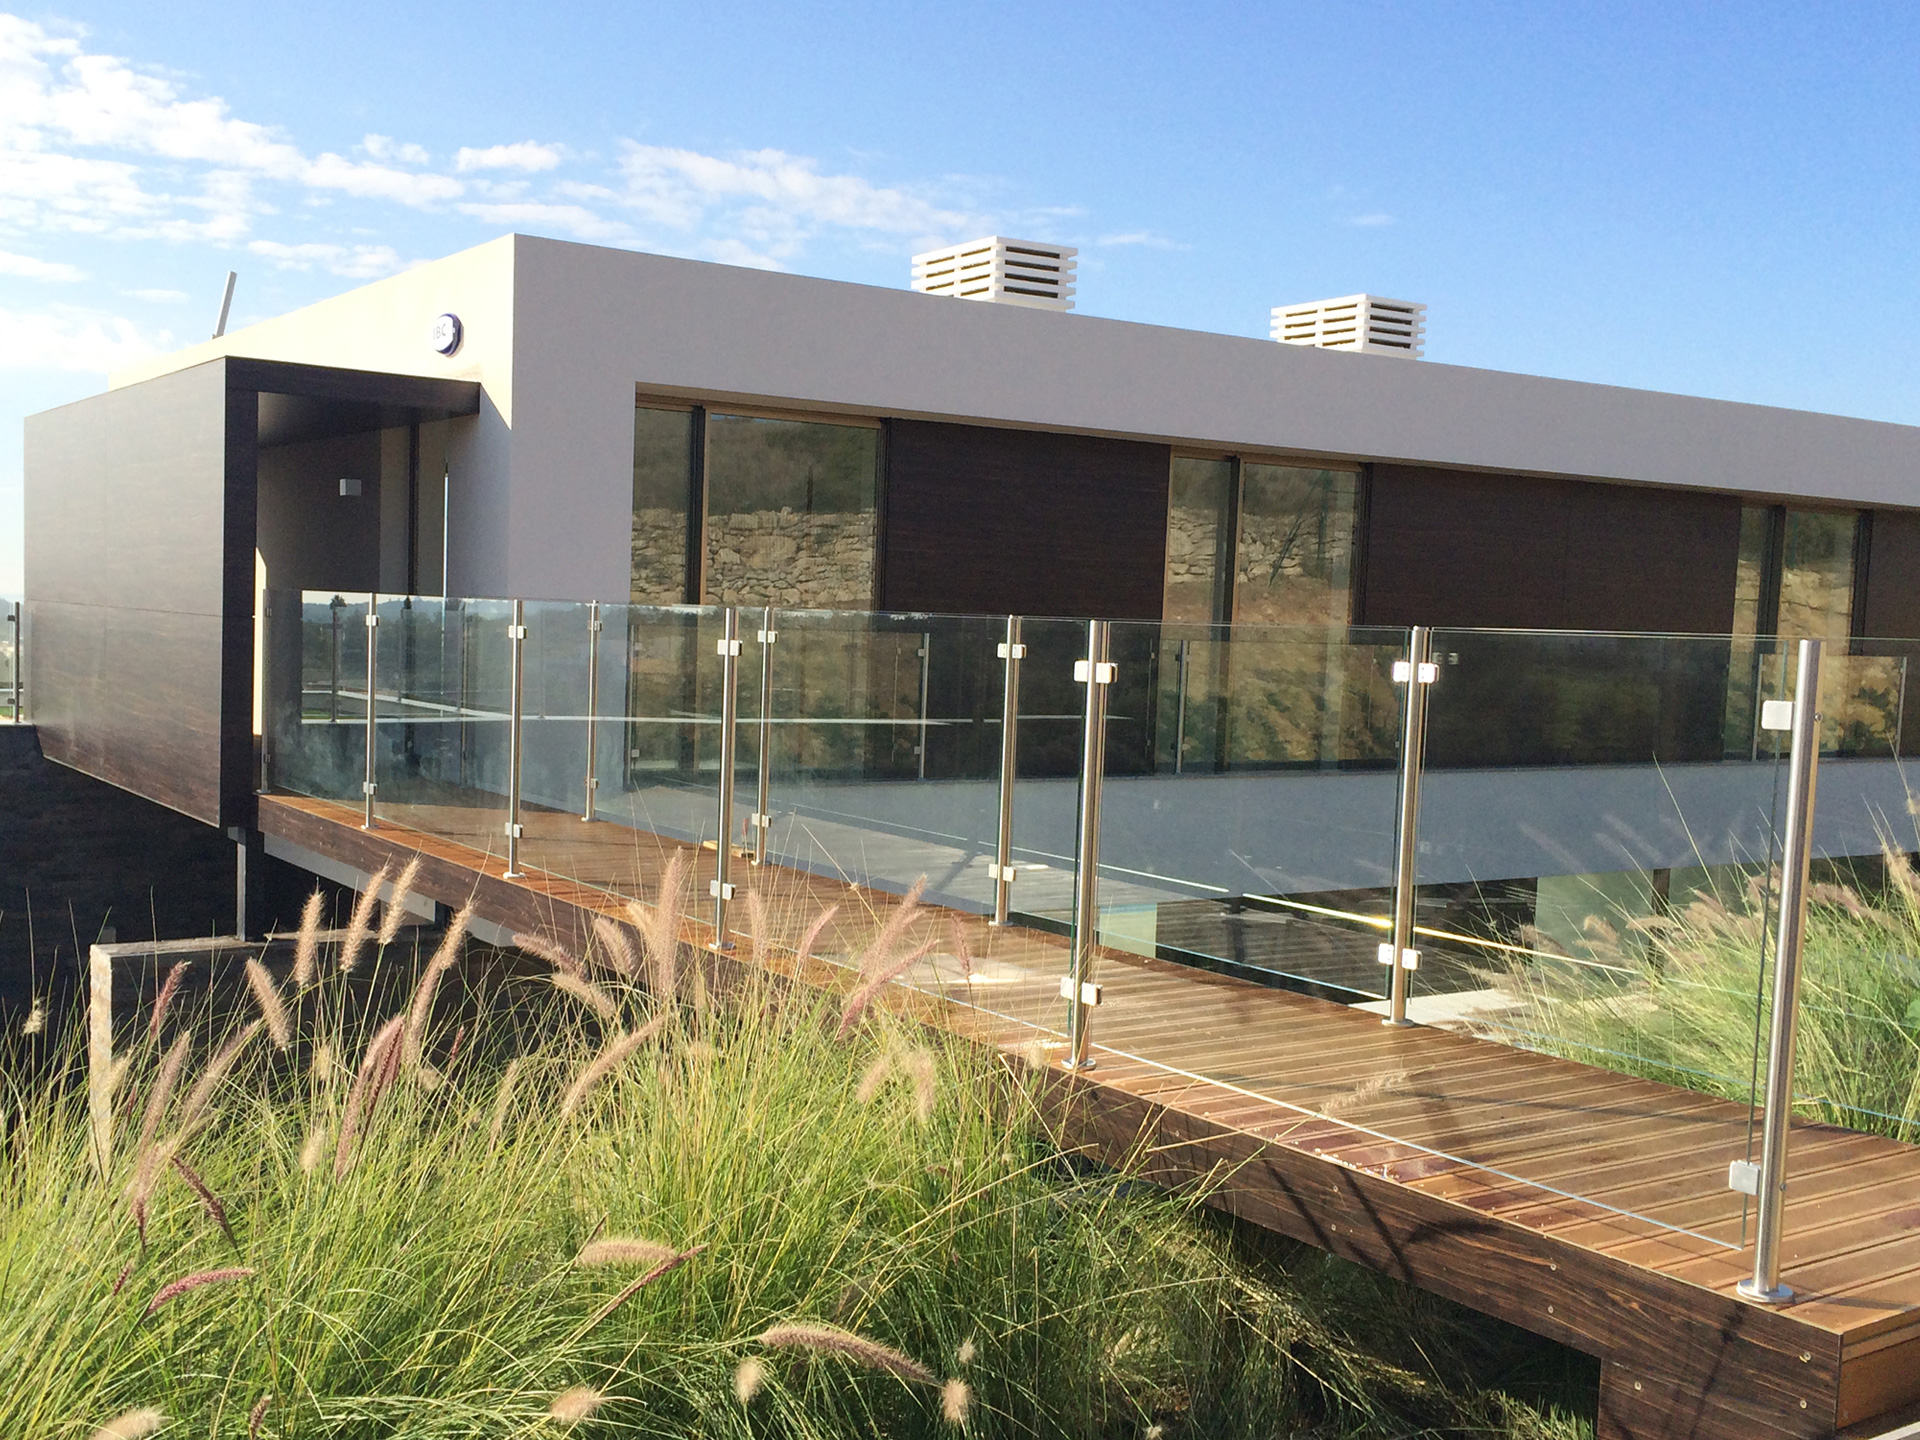 New Villa Construction